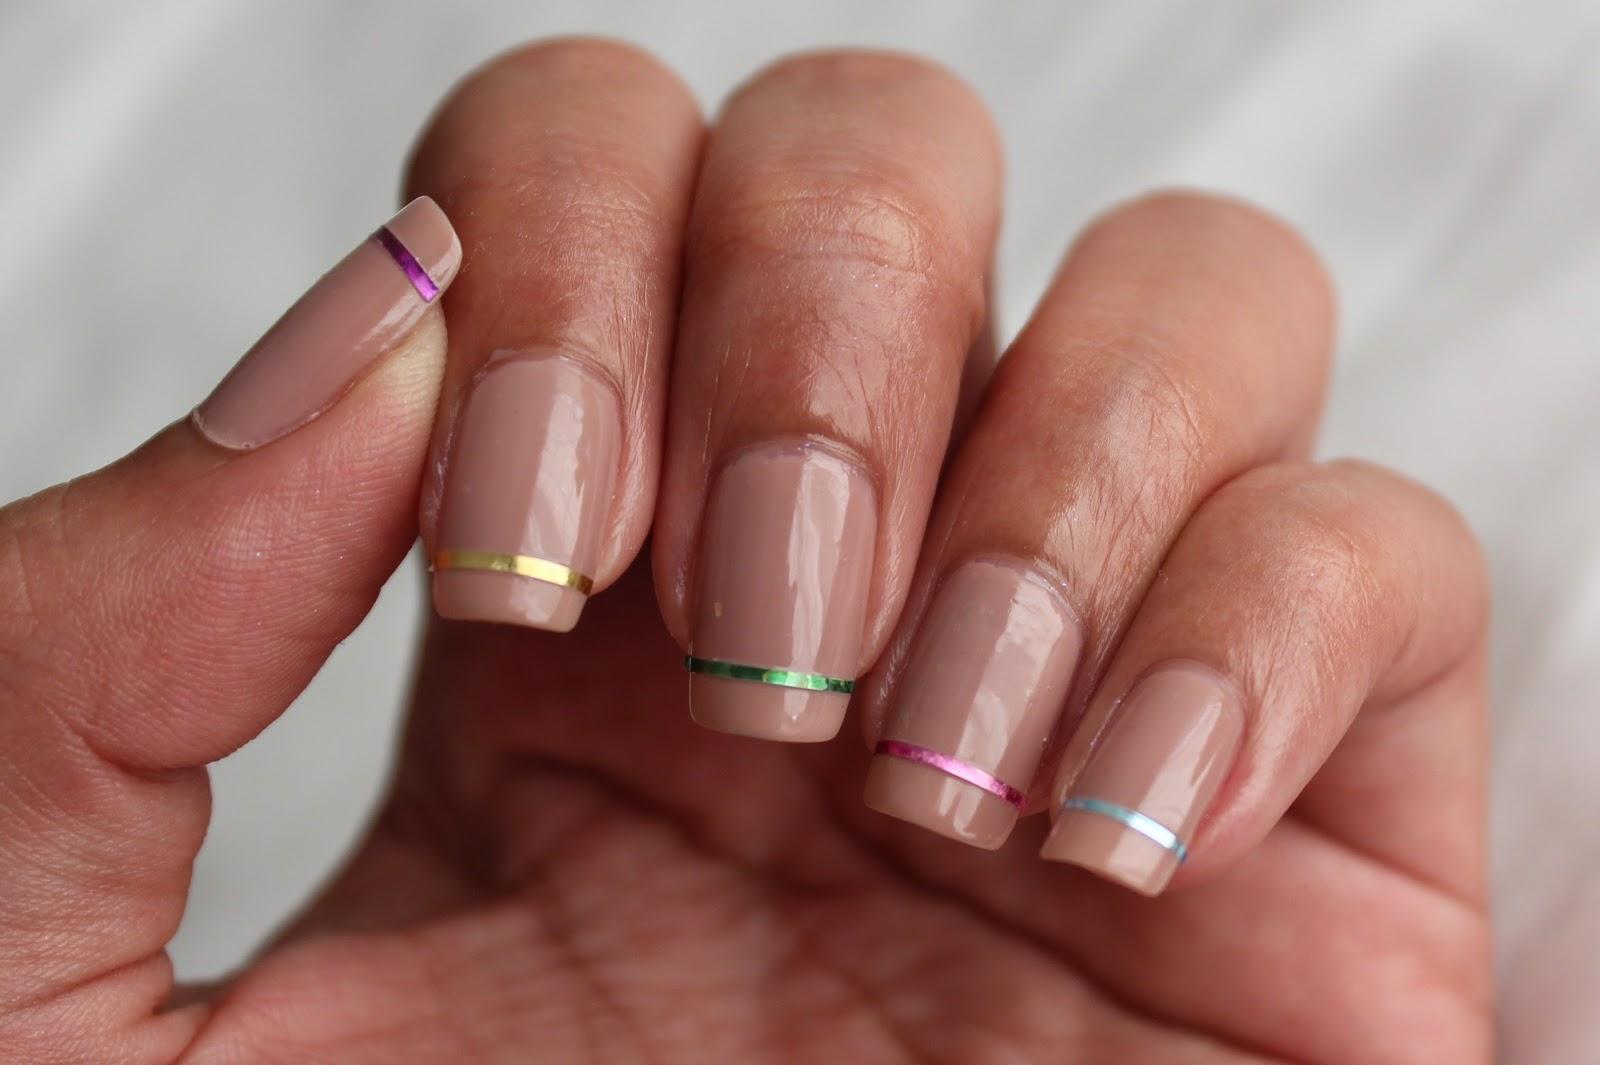 Nail art glamorously done foiled rainbow nail art tips - Nail art nude ...